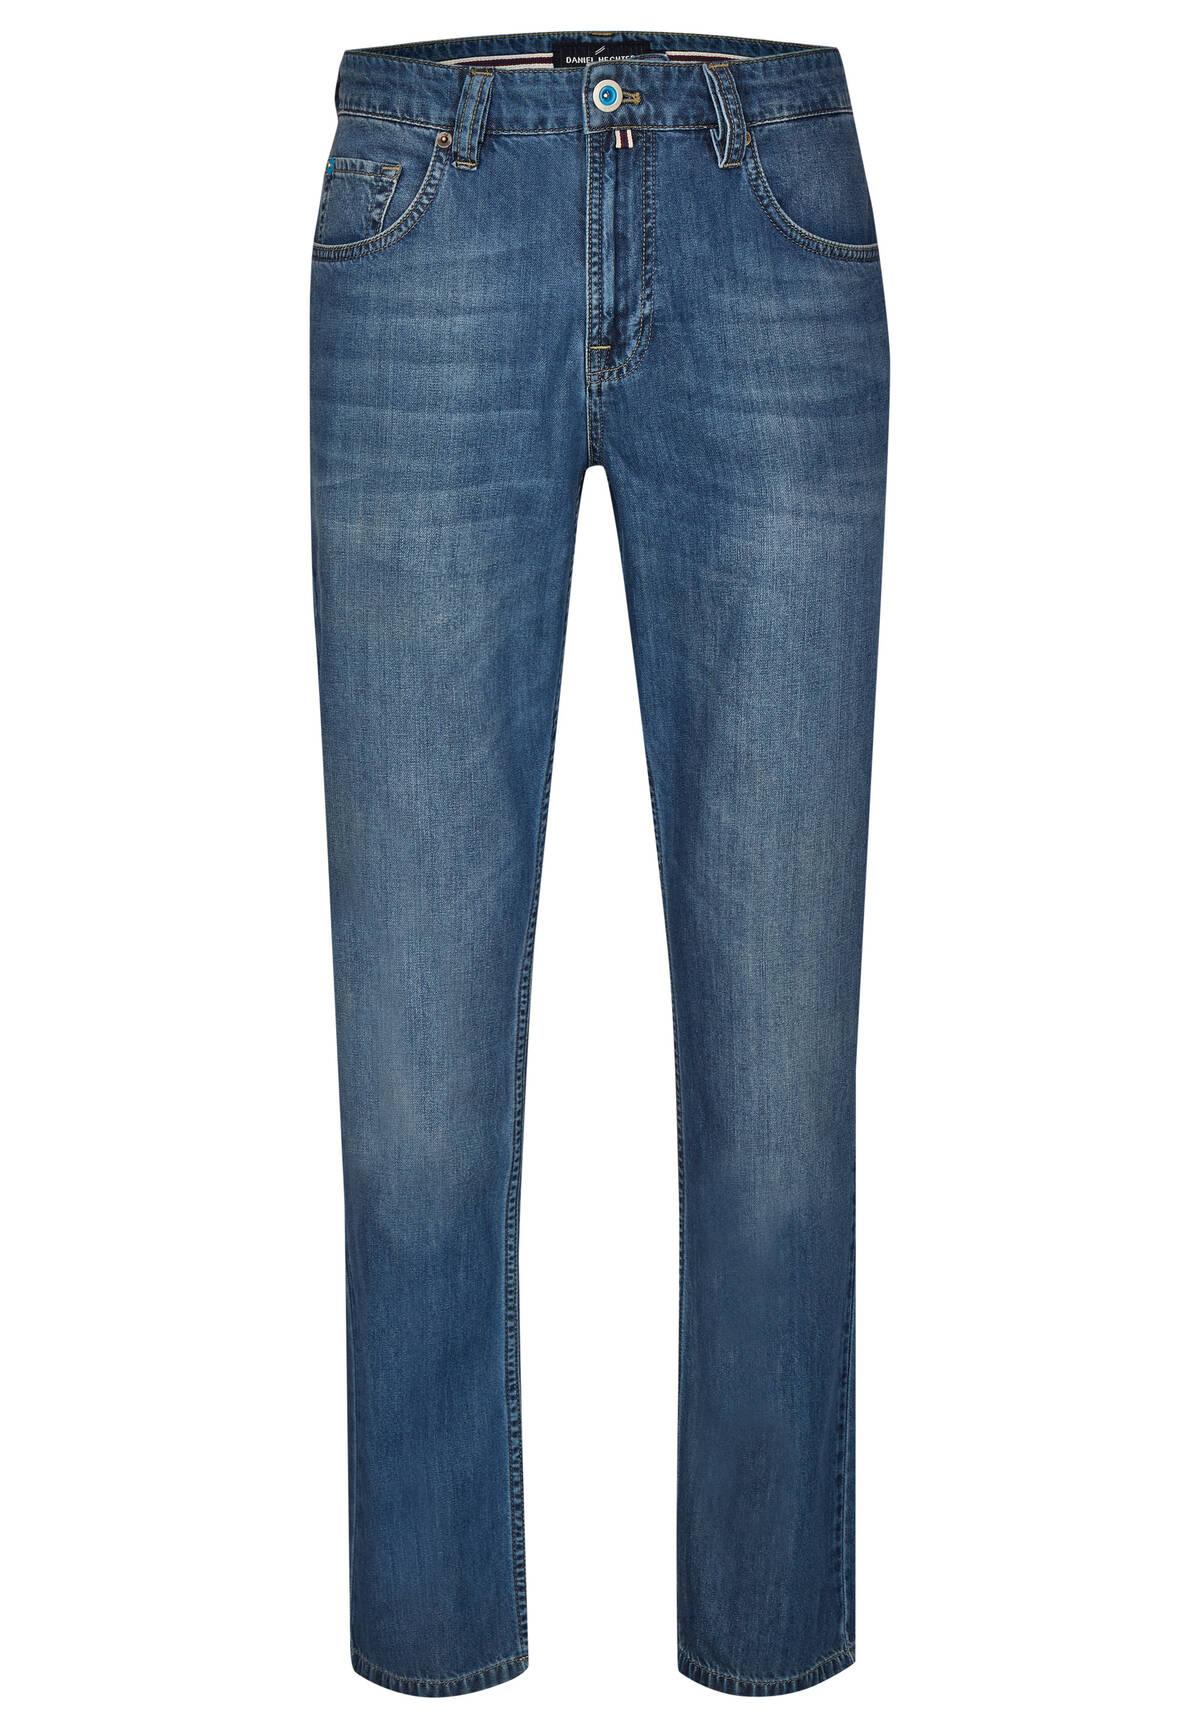 DH-XCLOUD Jean 5 poches /